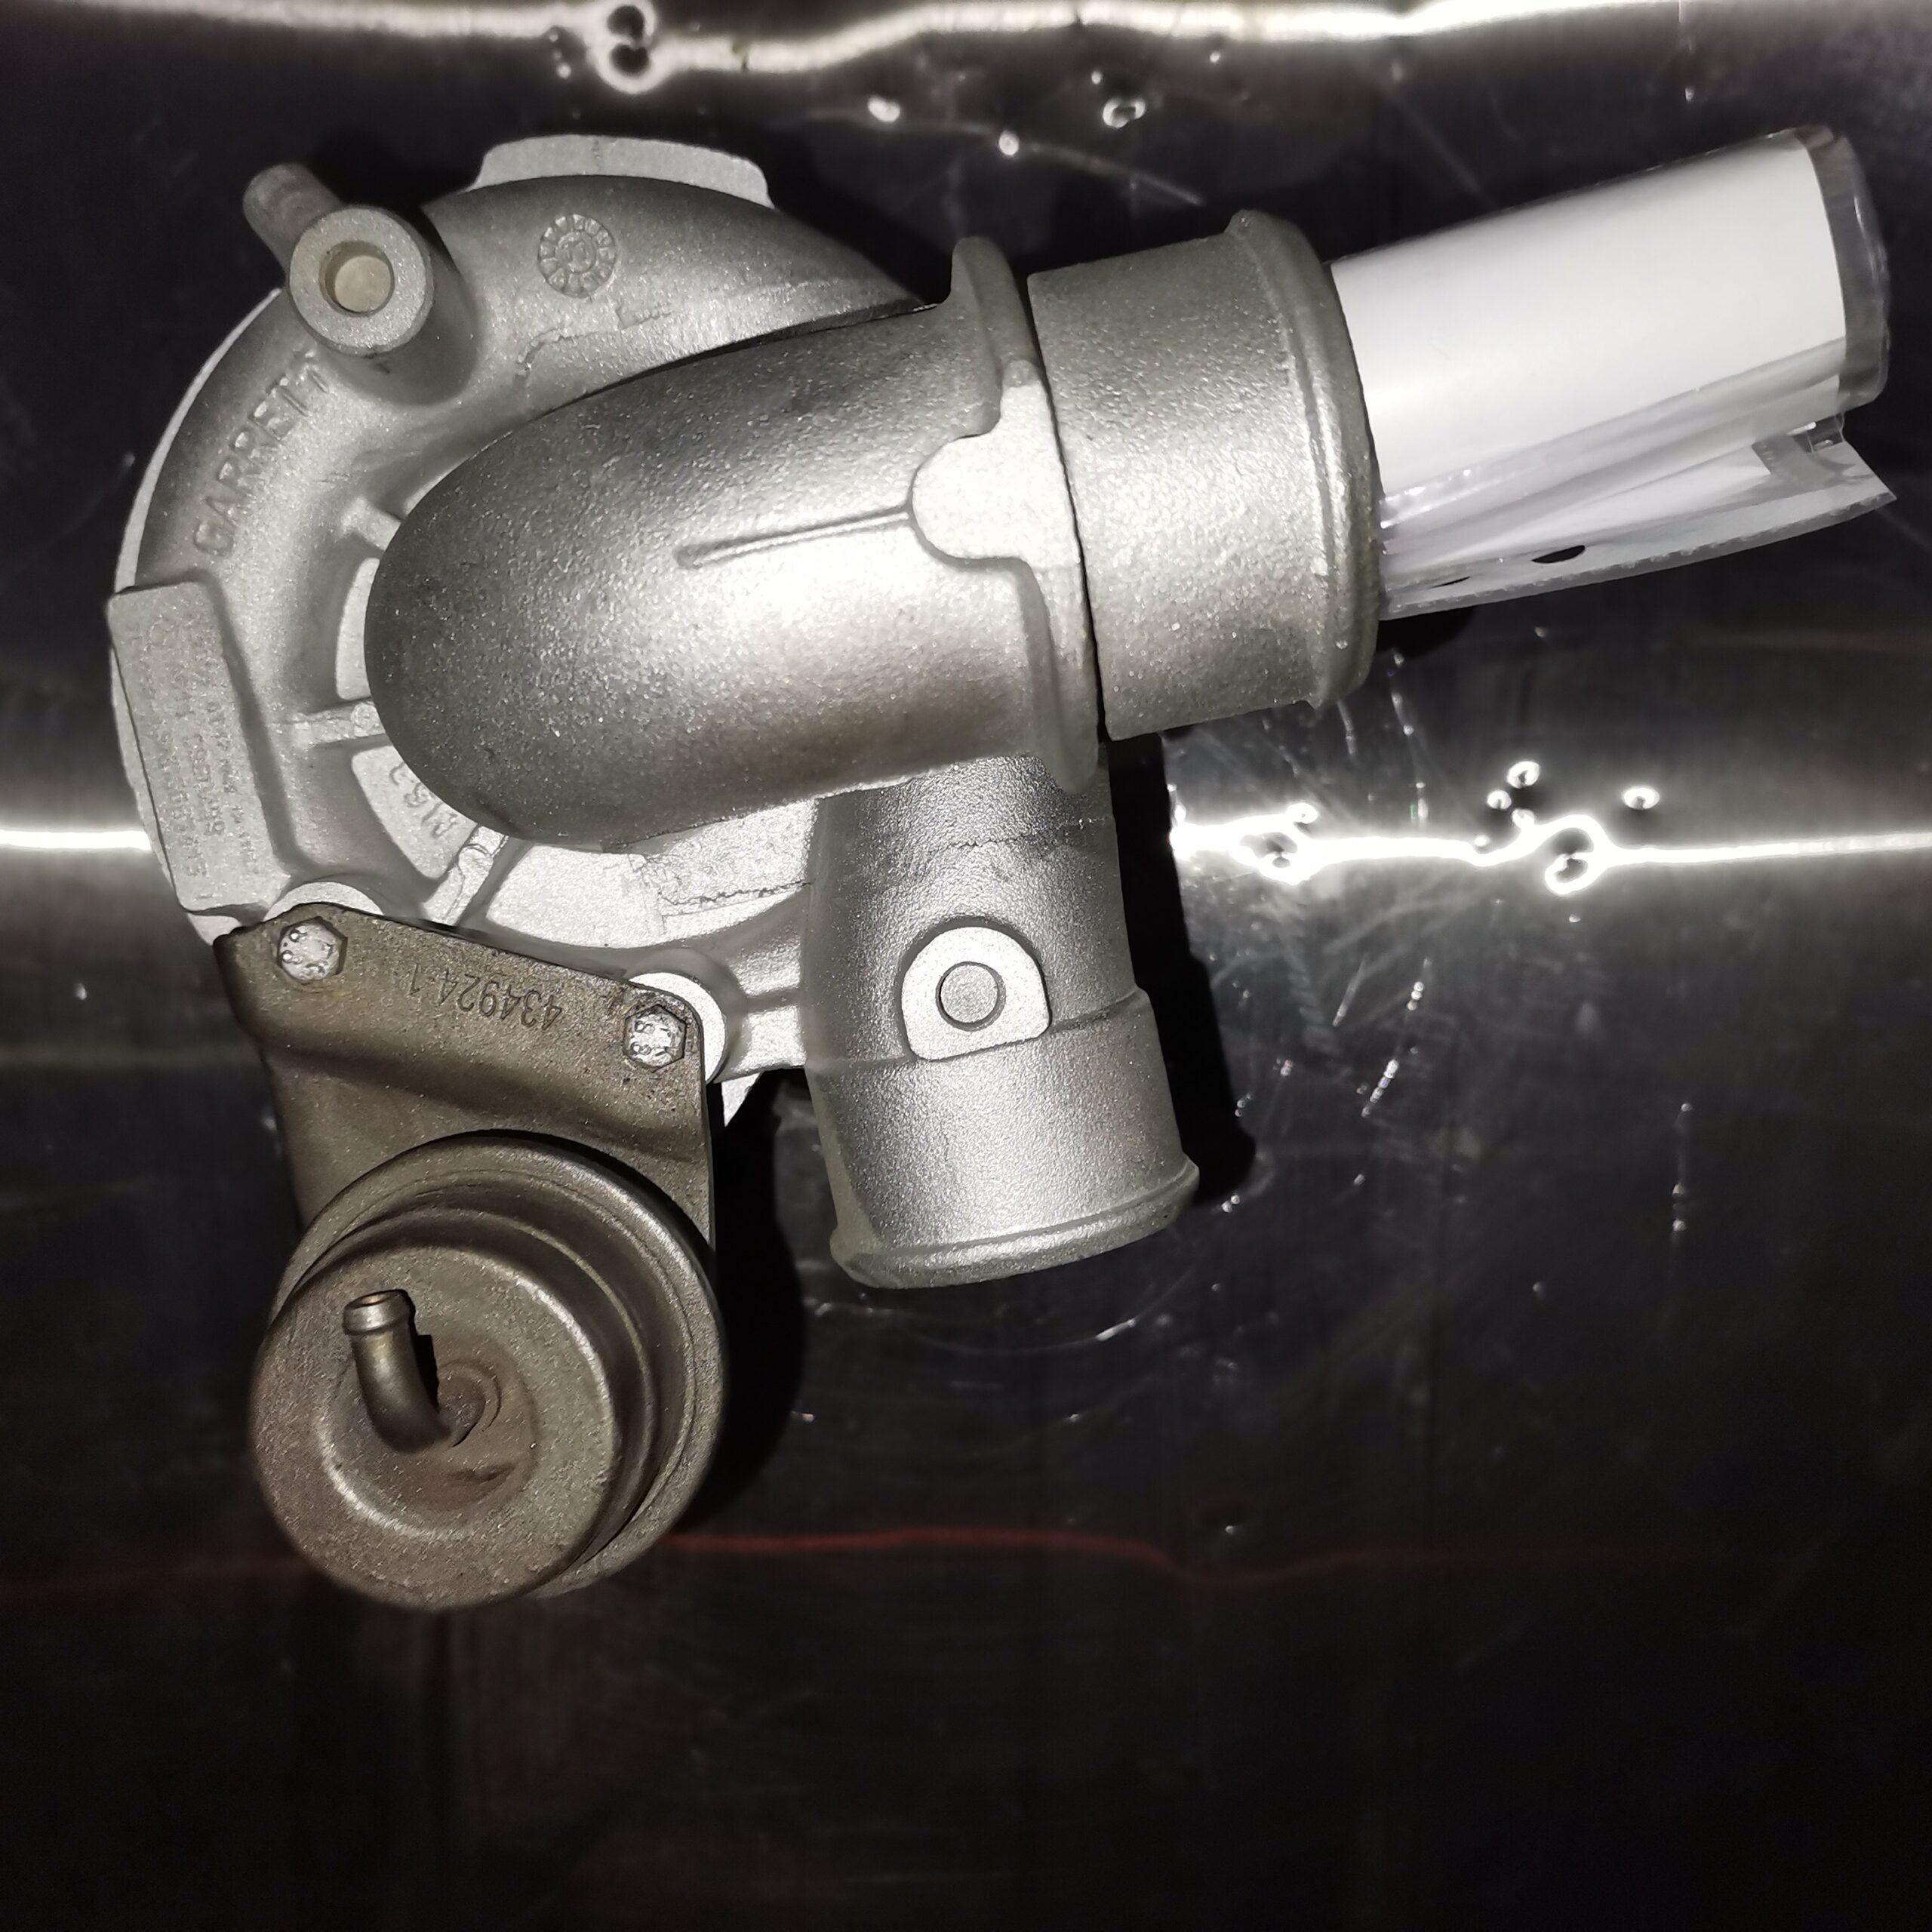 Турбина на Мерседес Вито 2.2 л после ремонта